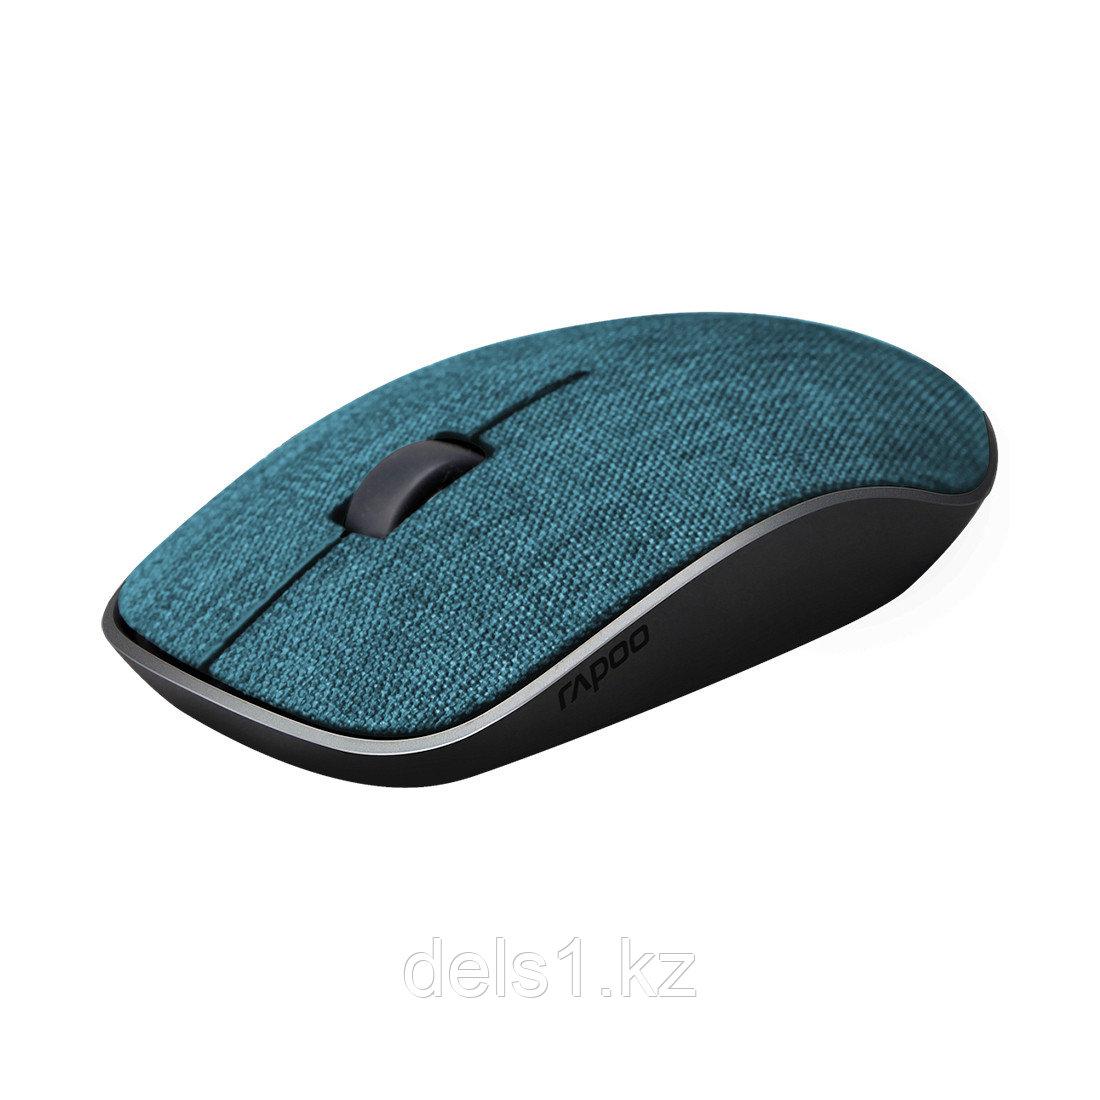 Компьютерная мышь Rapoo 3510 Plus BLUE